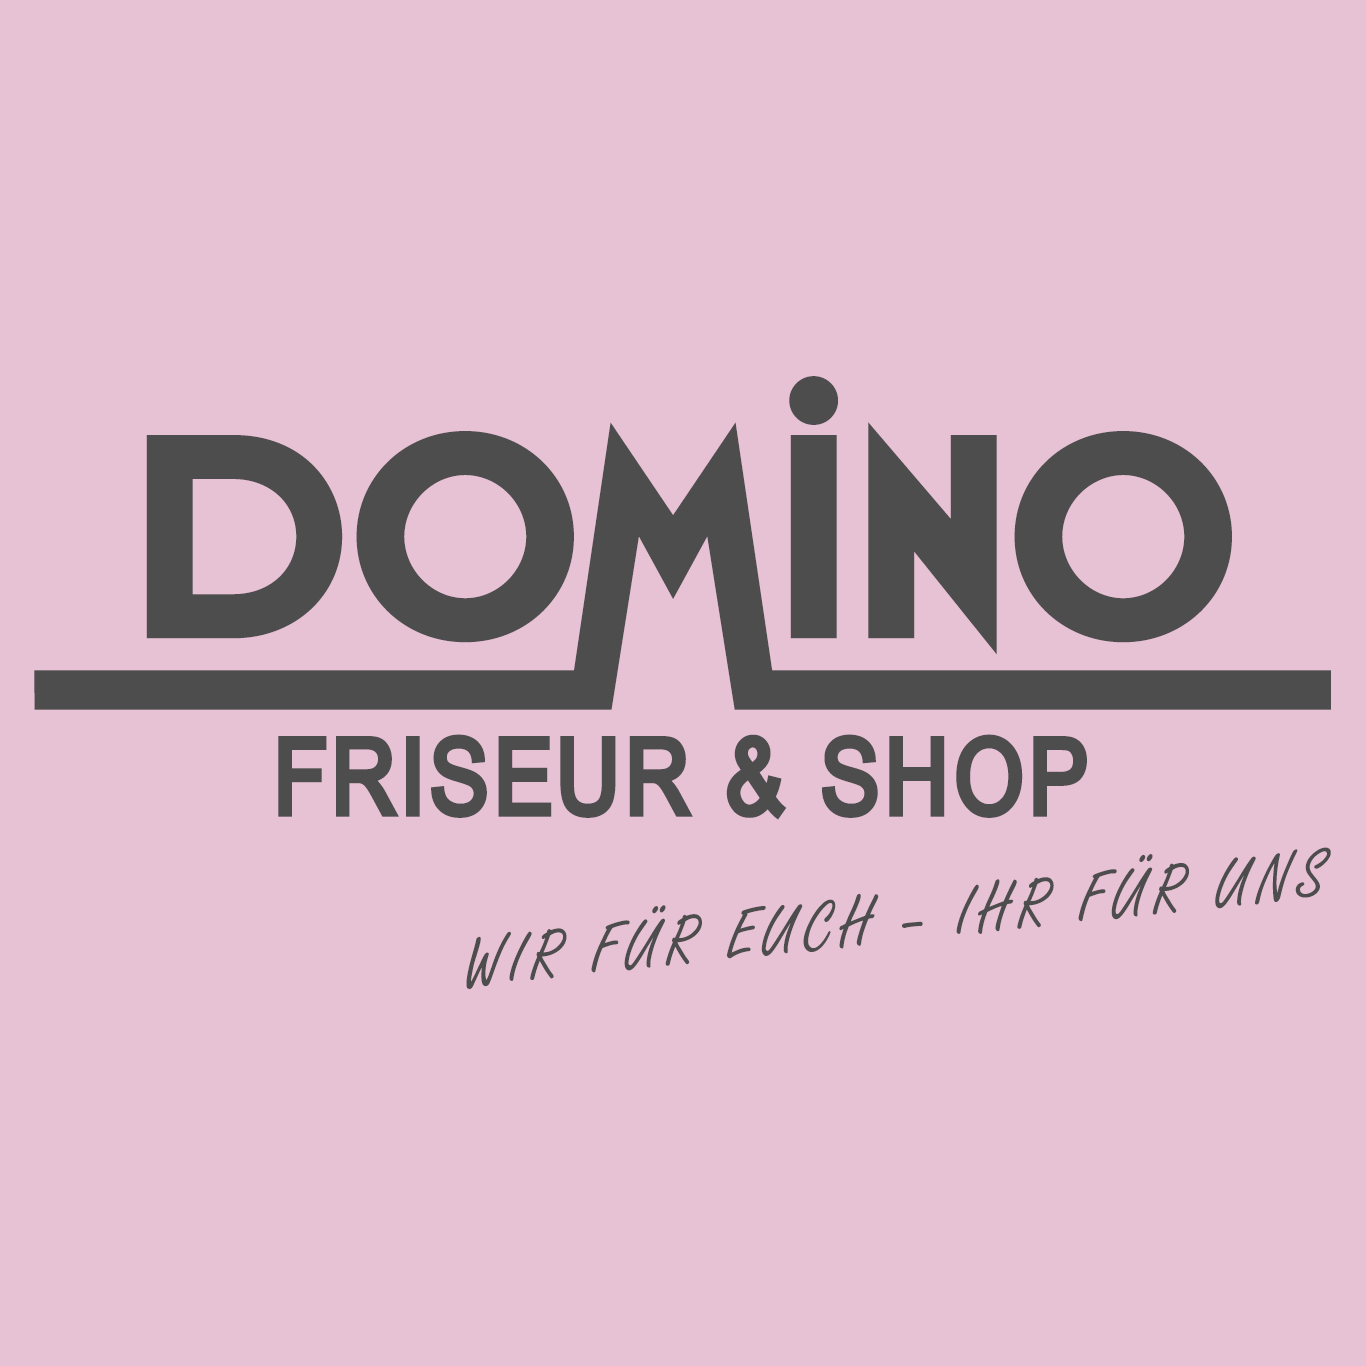 DOMINO Friseur & Shop Logo